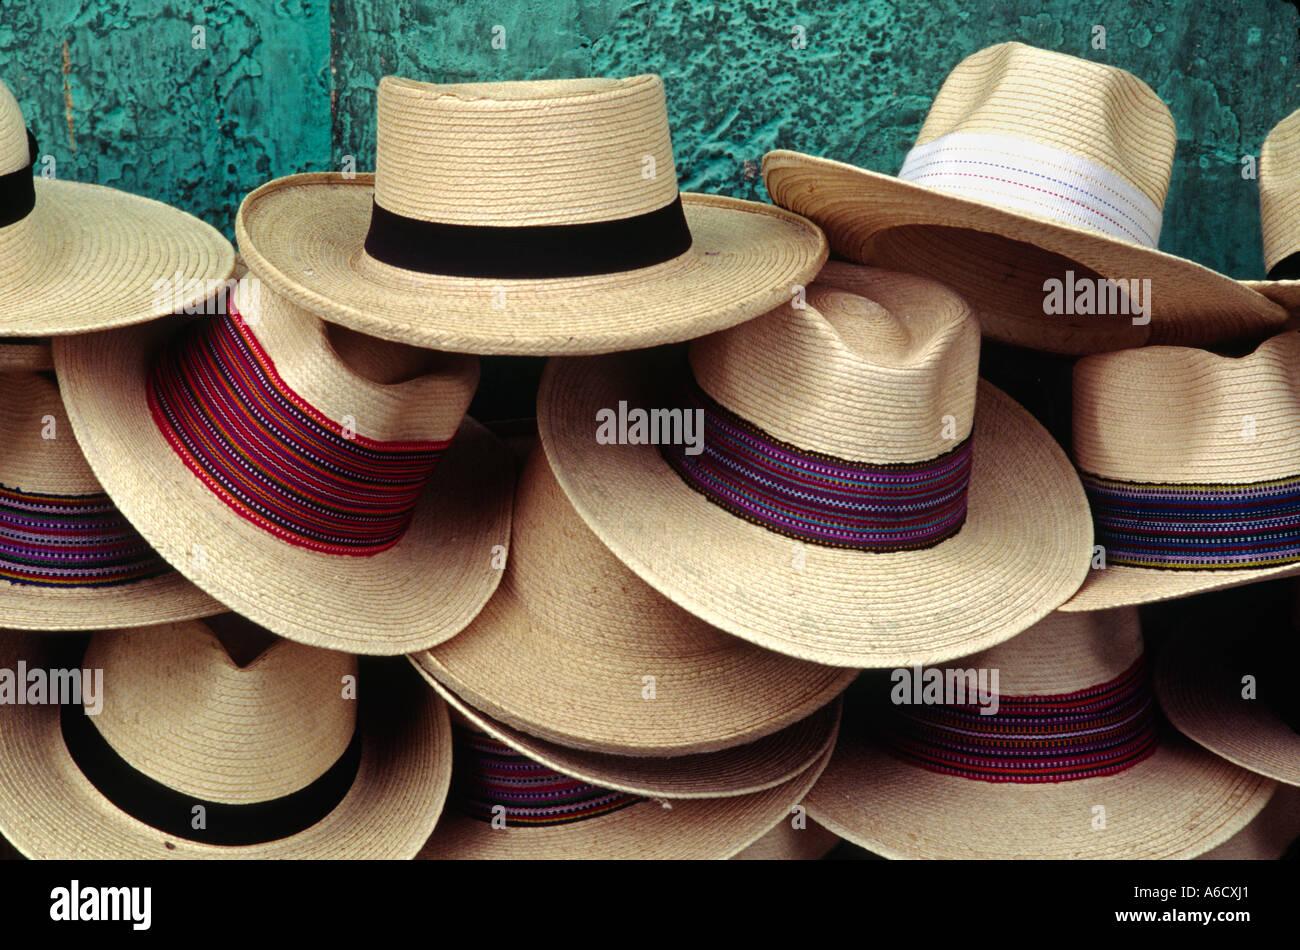 3953a64222817 Sombreros de Panamá para la venta en las calles durante la Semana Santa la  pascua Antigua